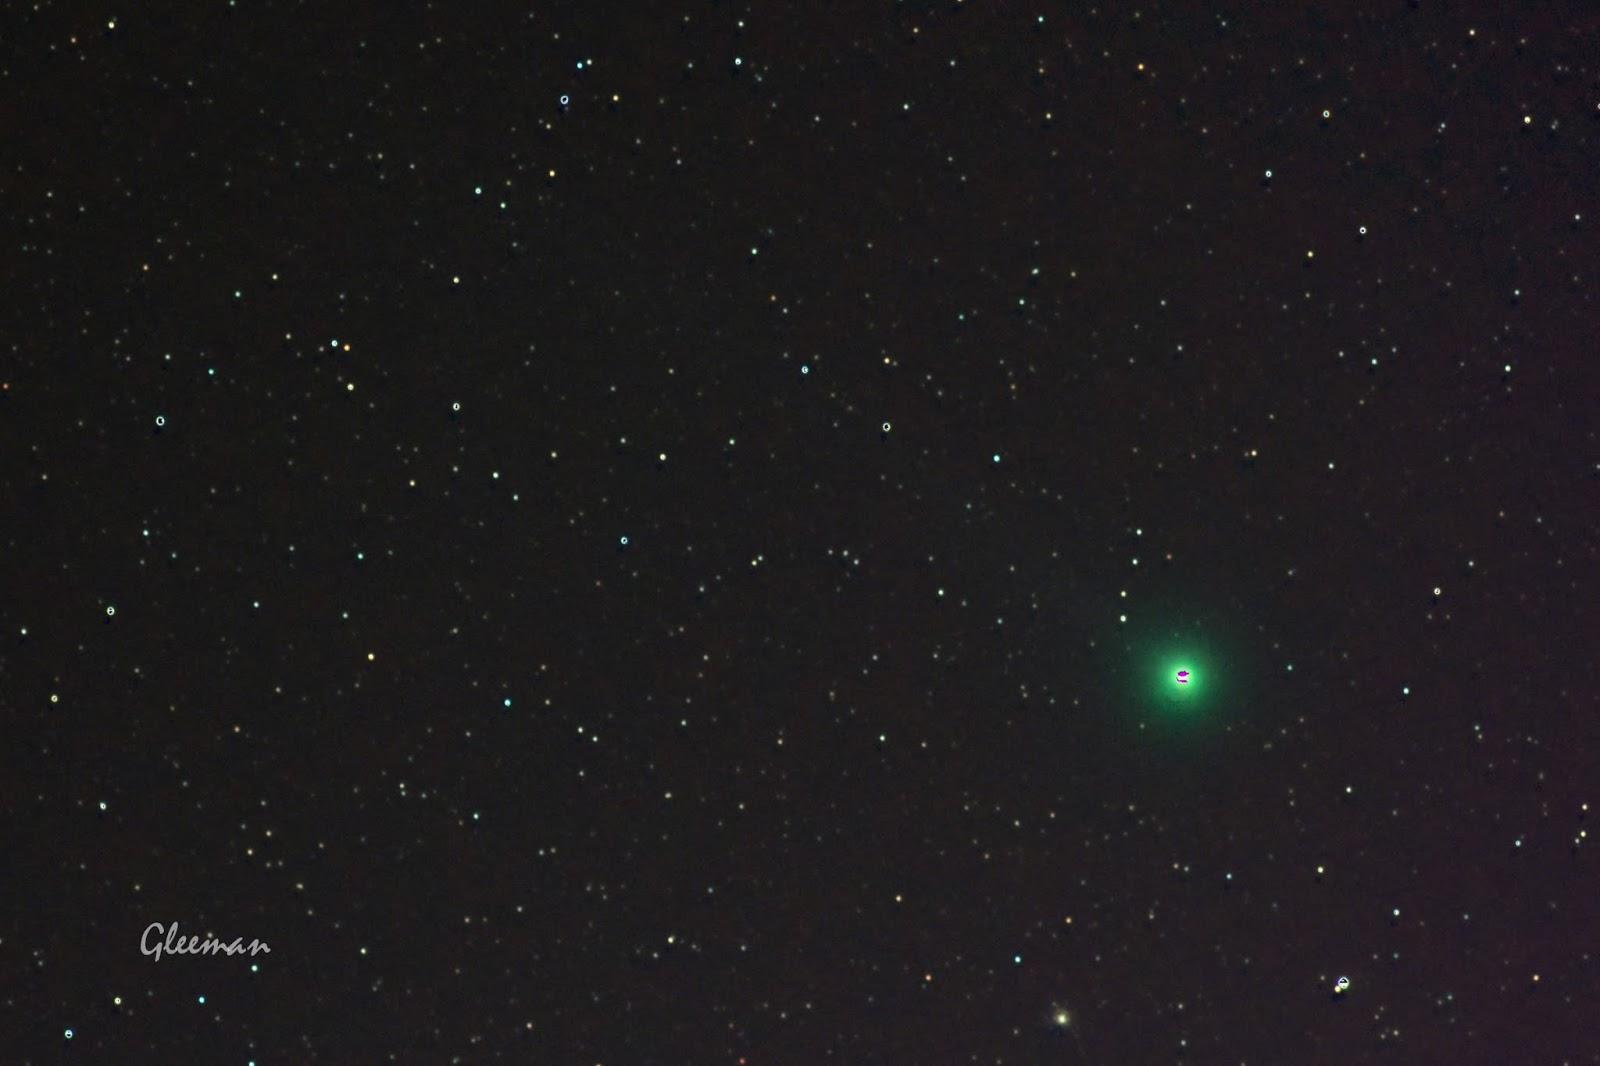 DSS中彗星疊圖第三種模式(星點與彗星皆清晰的模式),個人疊完圖後會遇到存檔問題